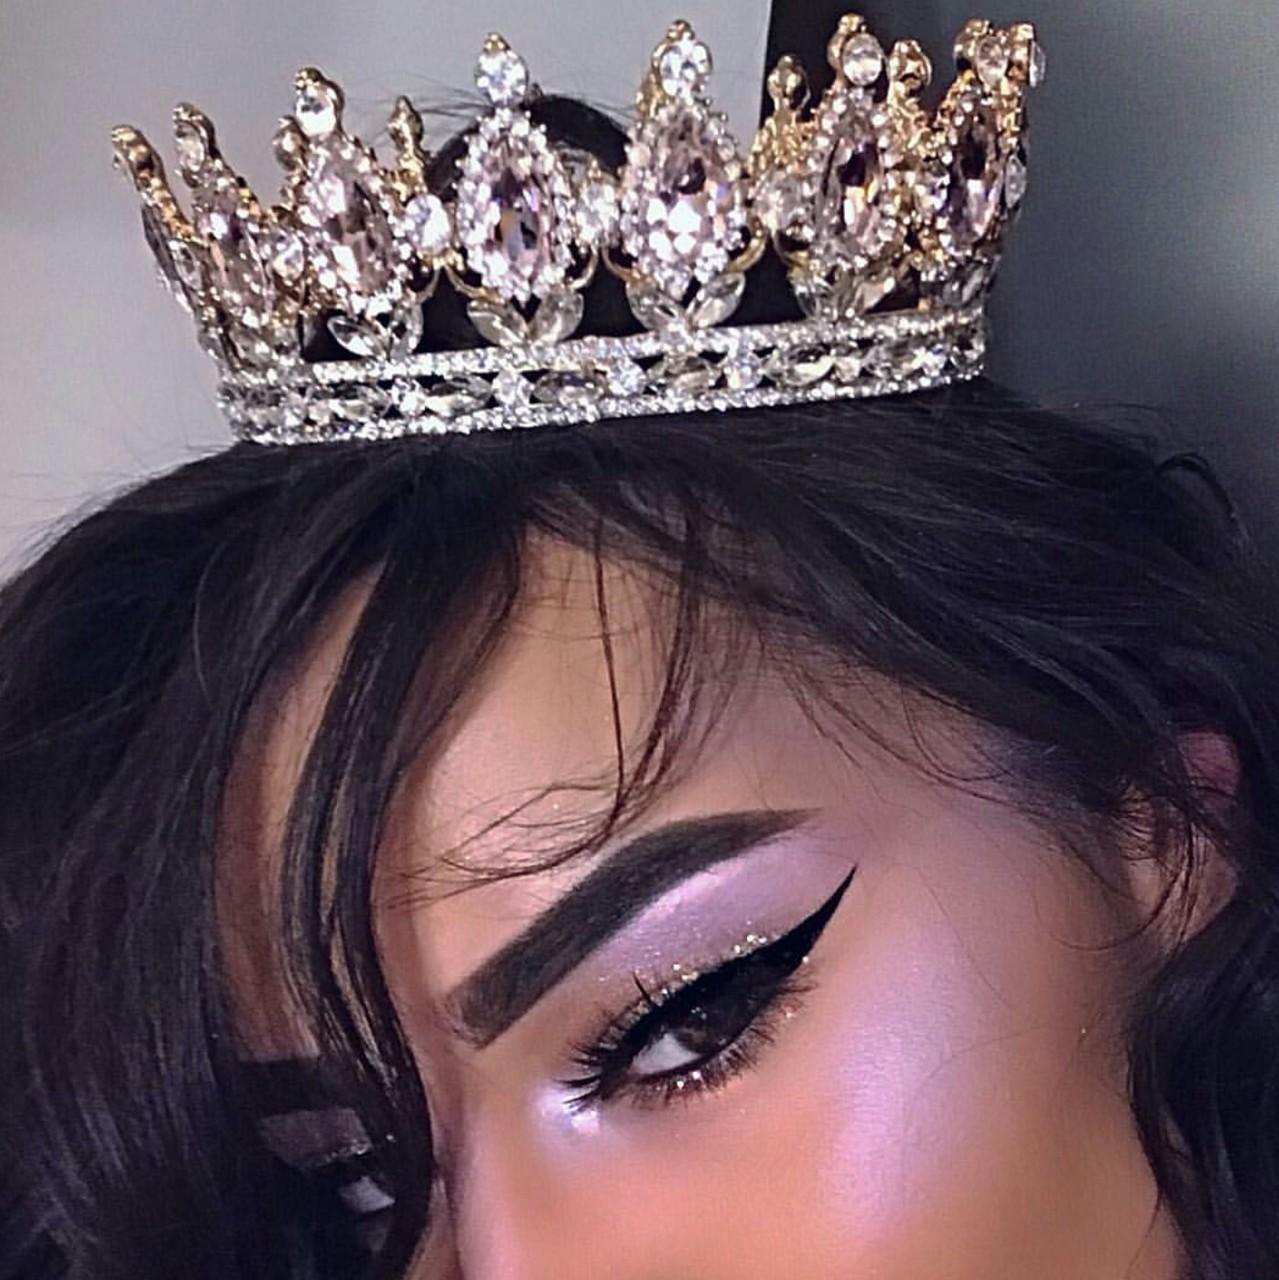 фото с короной на голове сравнении глянцевой бумагой